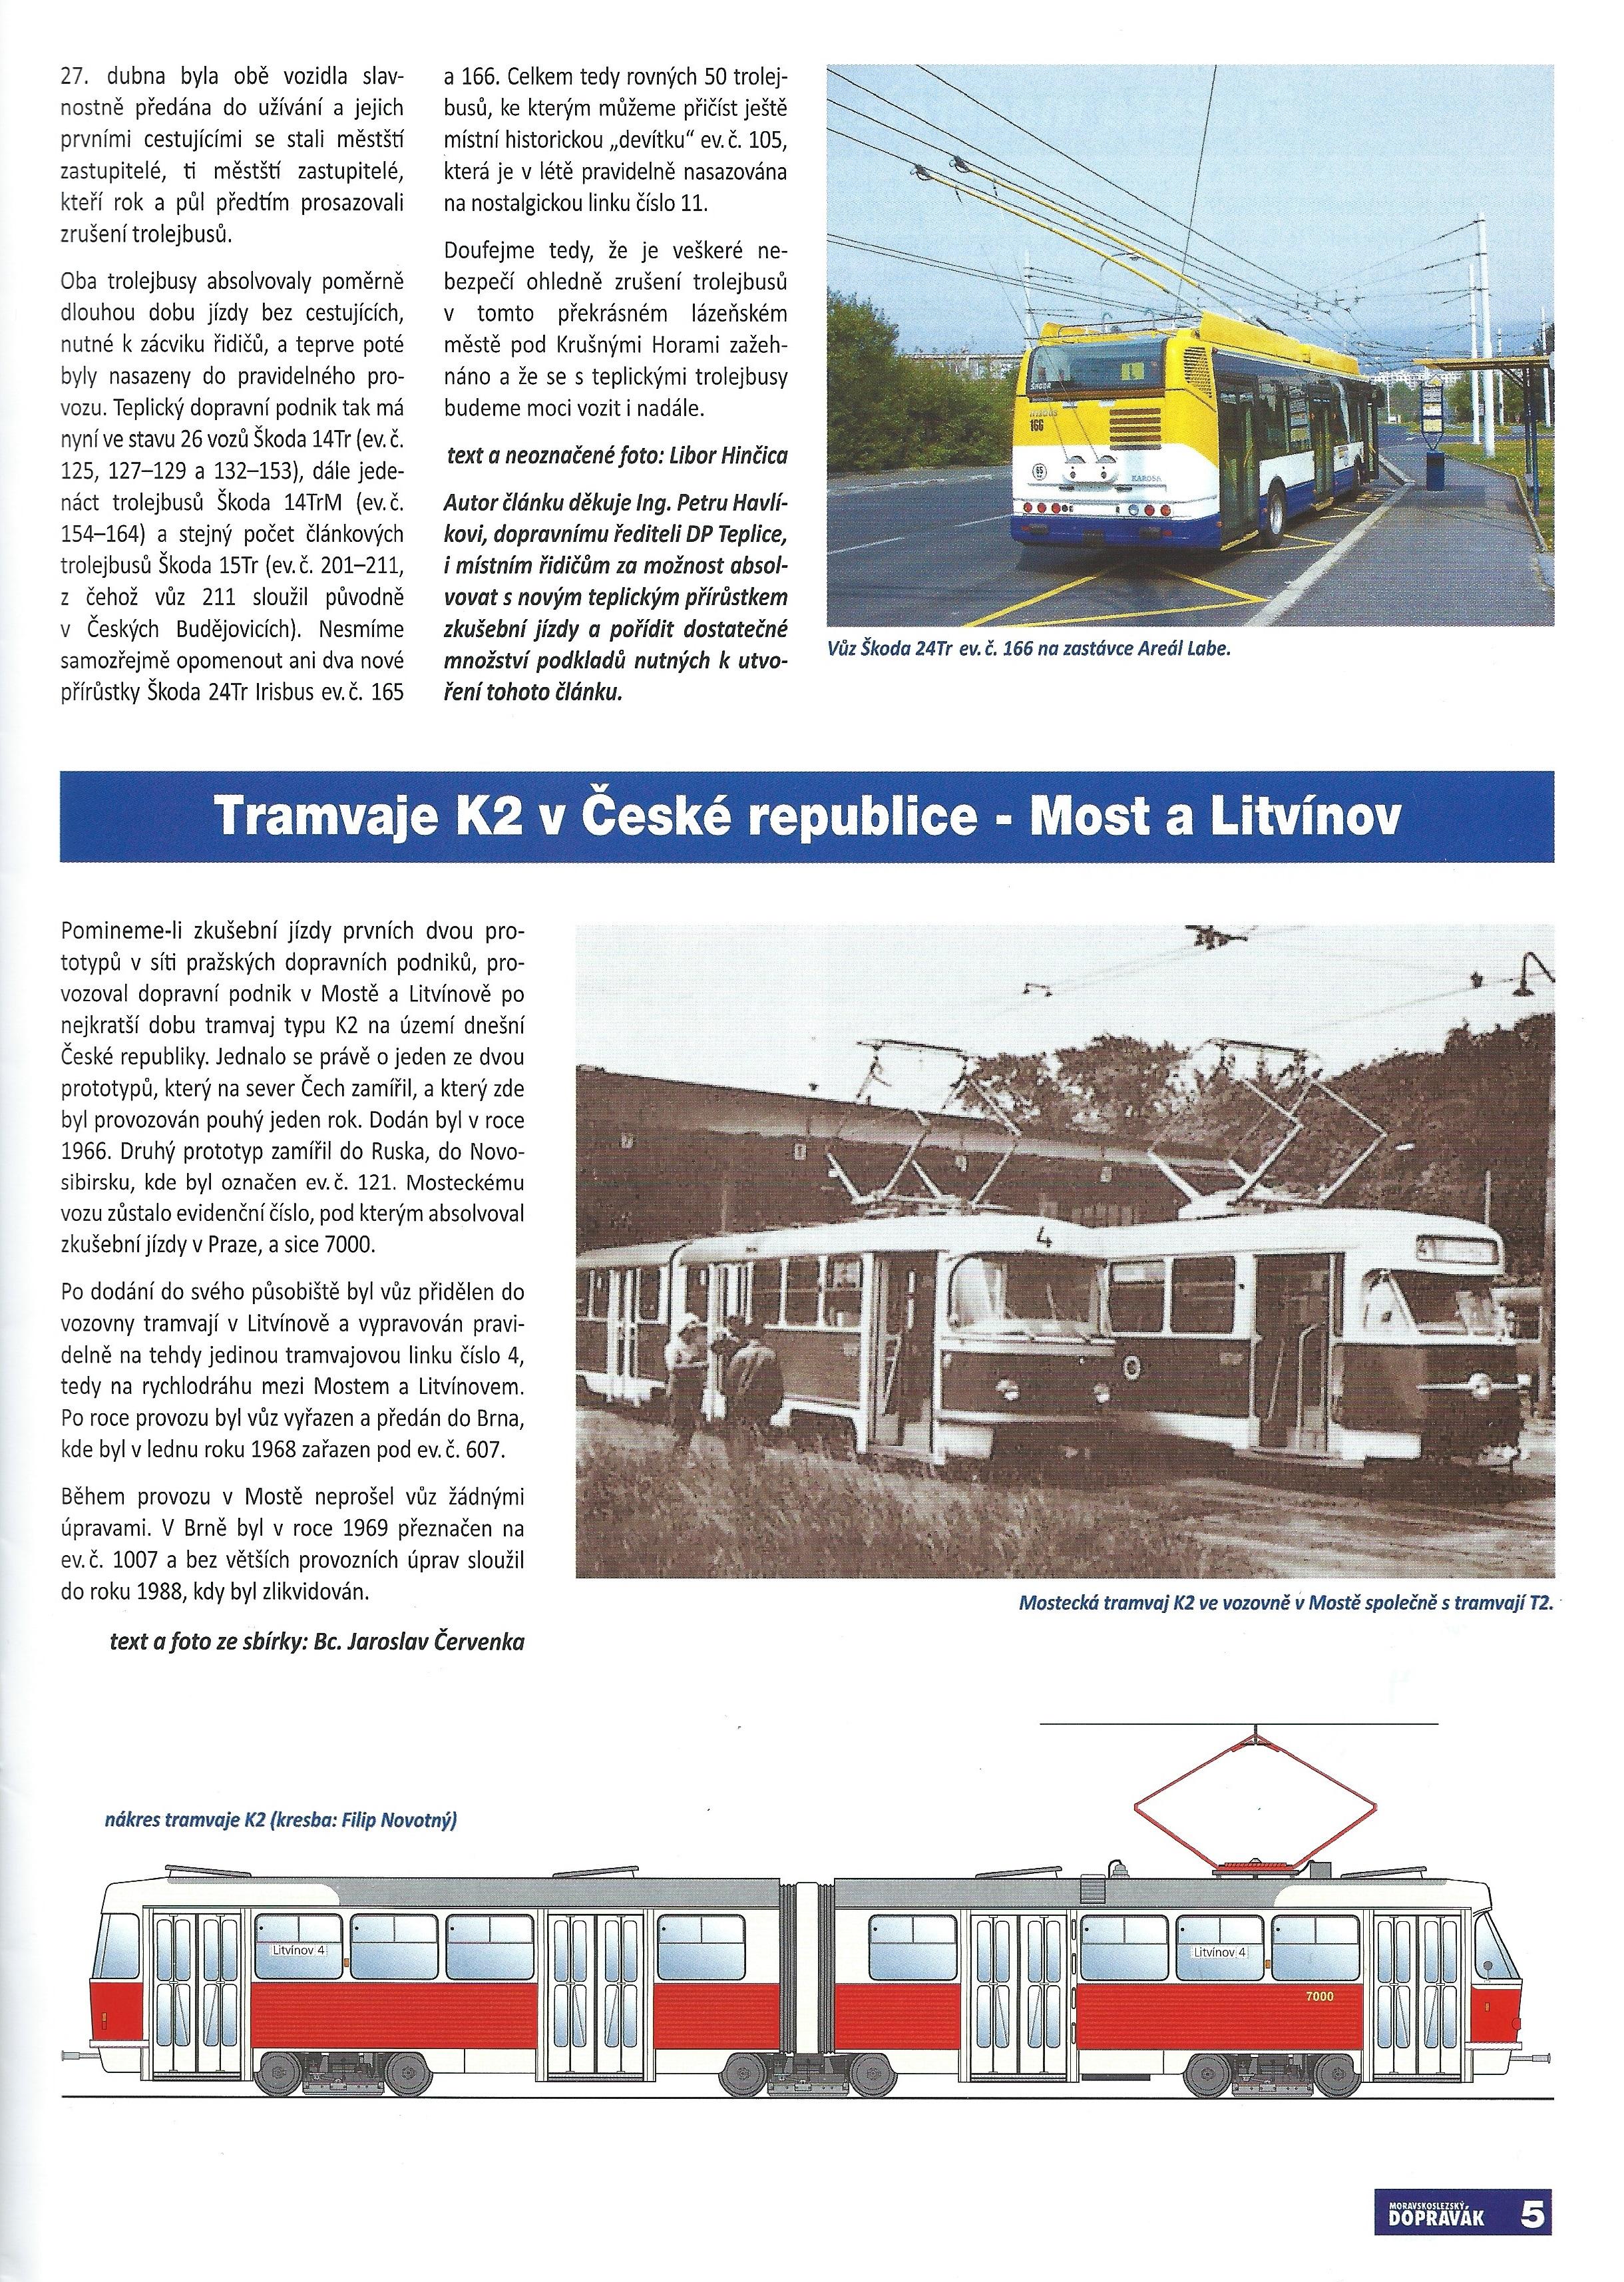 Vzhled grafiky jedné ze stran prvního tištěného čísla z roku 2006. Článek o tramvajích K2 byl poslední z řady o provozu těchto tramvají v českých městech. Předchozí díly o Ostravě a Brně vycházely ještě na CD. (sbírka: Libor Hinčica)